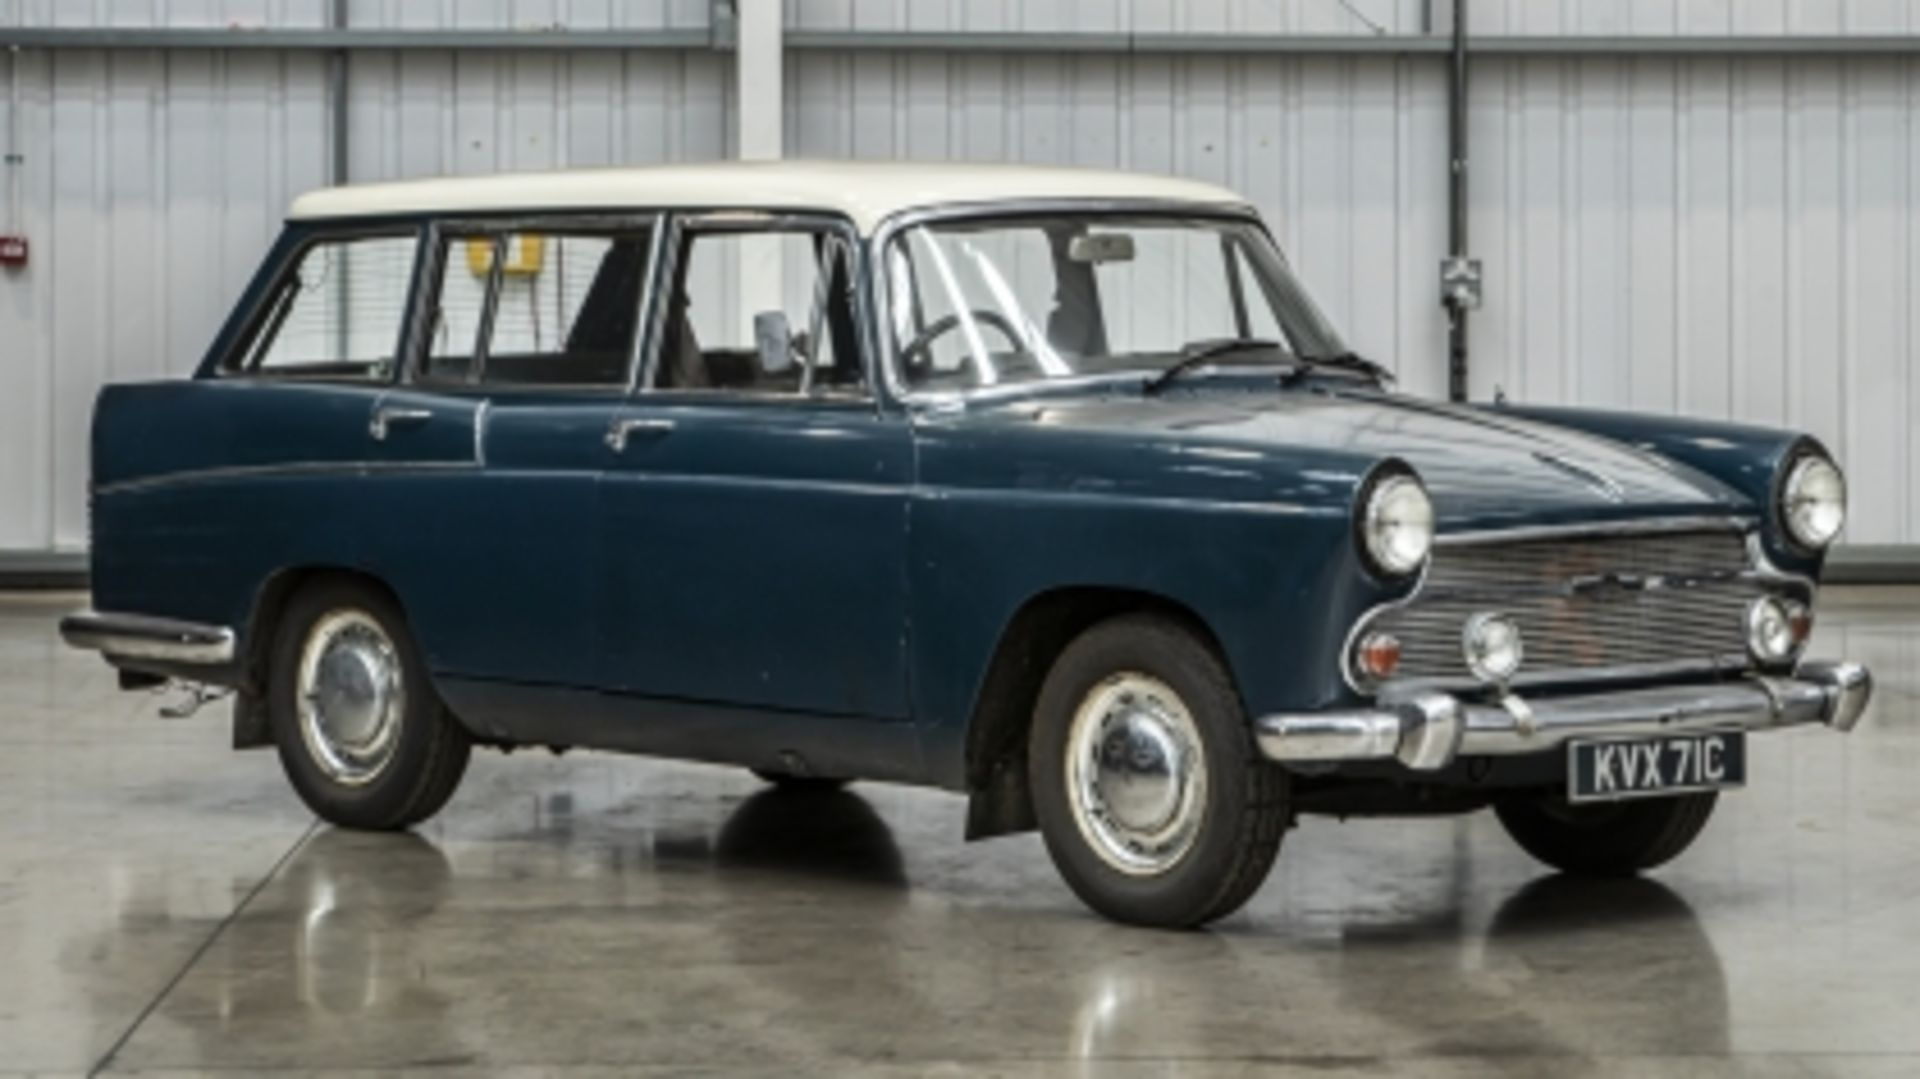 Lot 547 - 1965 Austin A60 Cambridge 'Countryman'